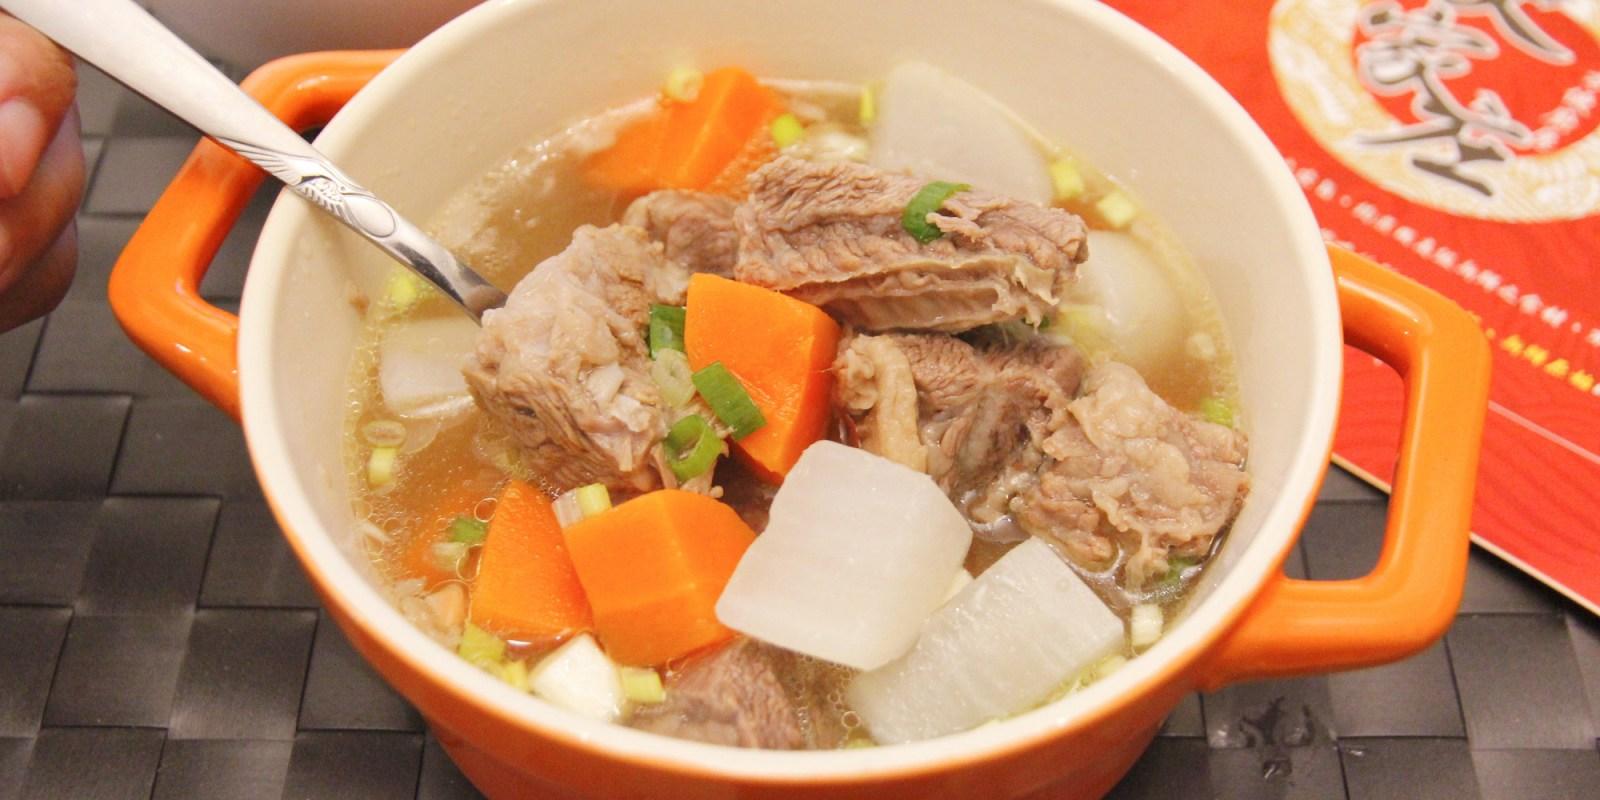 在家煮火鍋!史家庄方便廚房「清敦牛肉湯」調理包,讓你輕鬆變身料理大師~